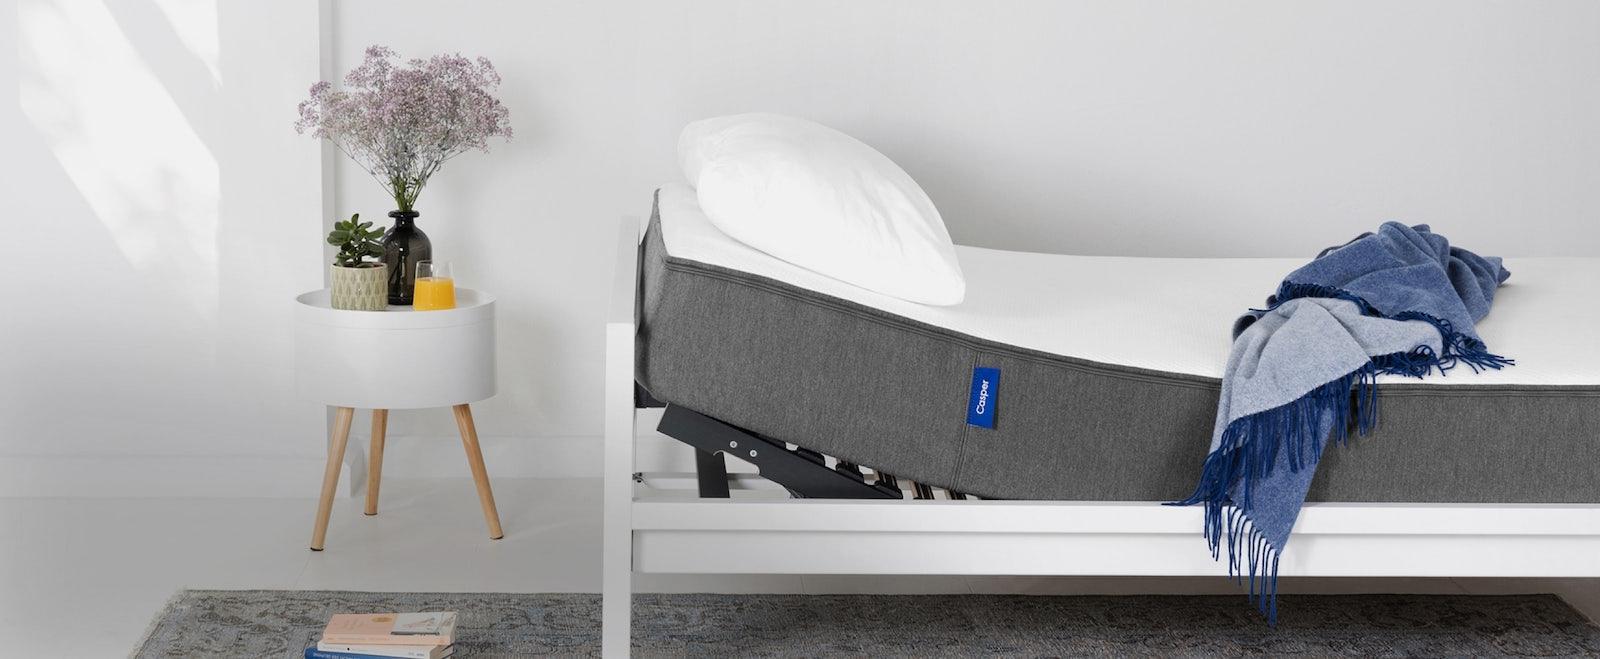 lattenroste stiftung warentest heine bettw sche fotodruck. Black Bedroom Furniture Sets. Home Design Ideas